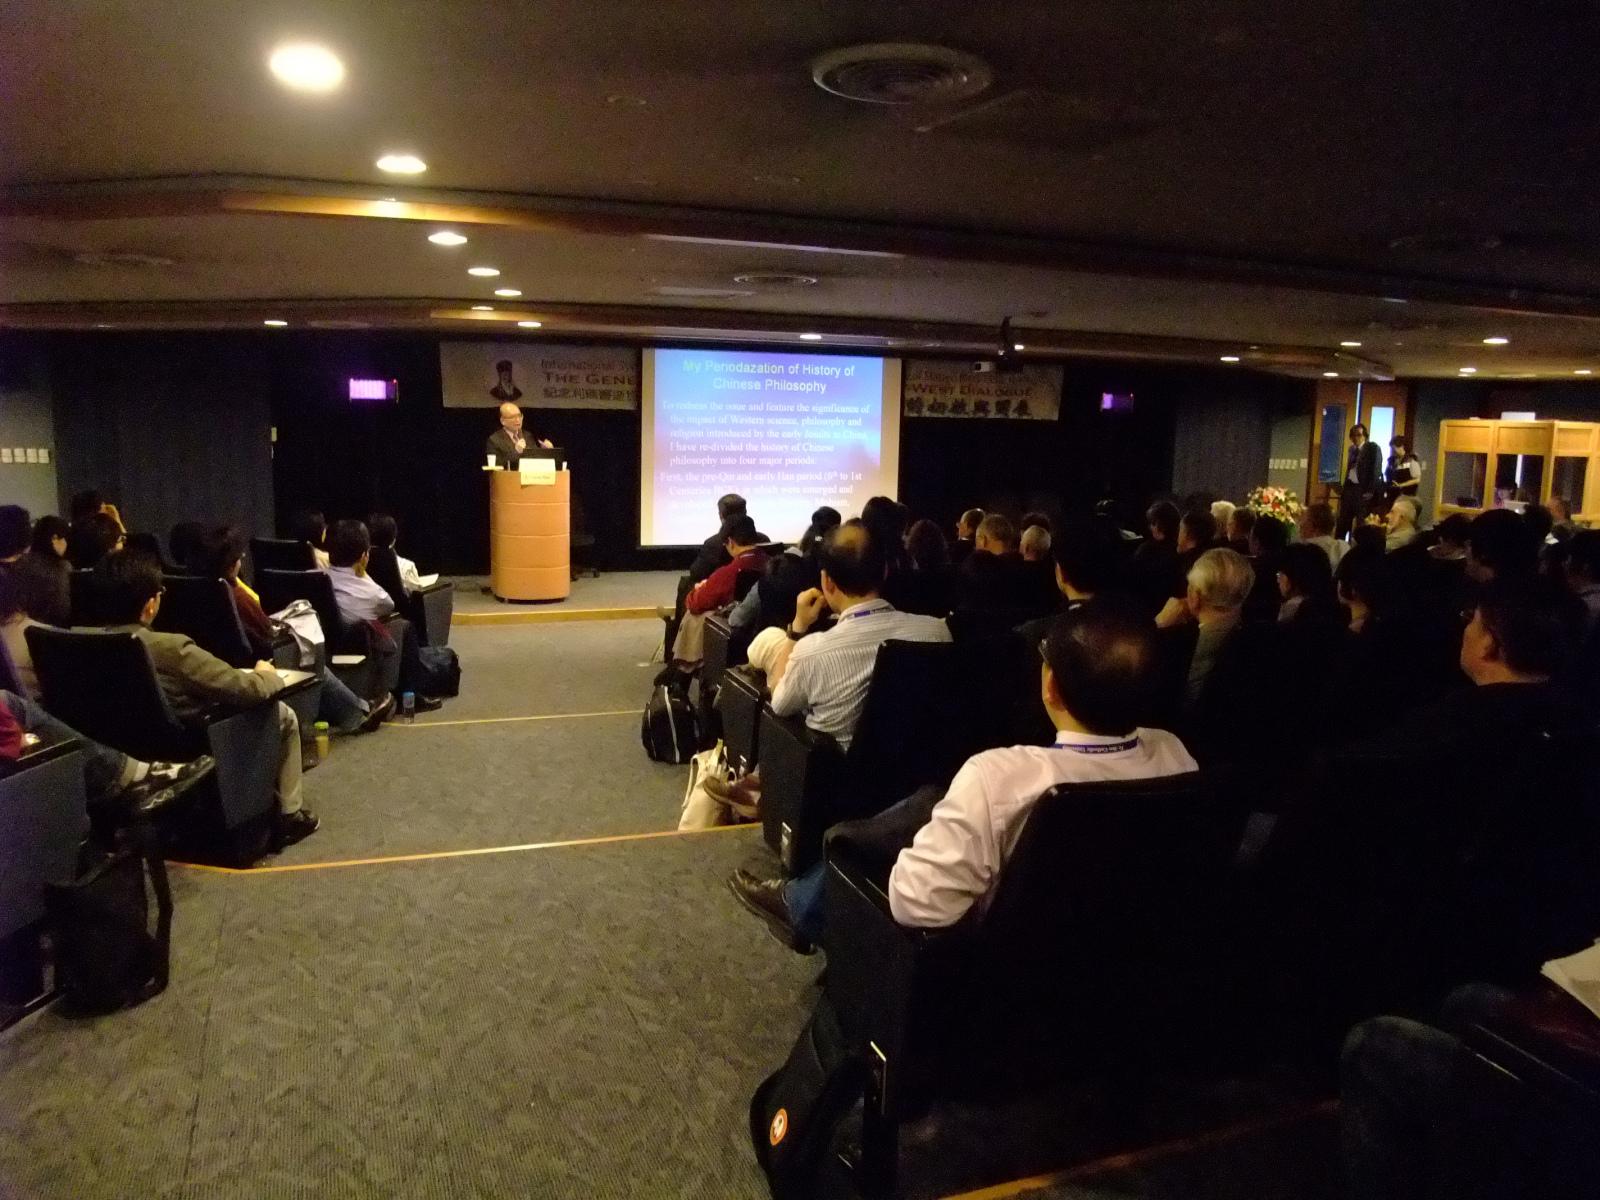 201004紀念利瑪竇逝世四百週年國際學術研討會-3